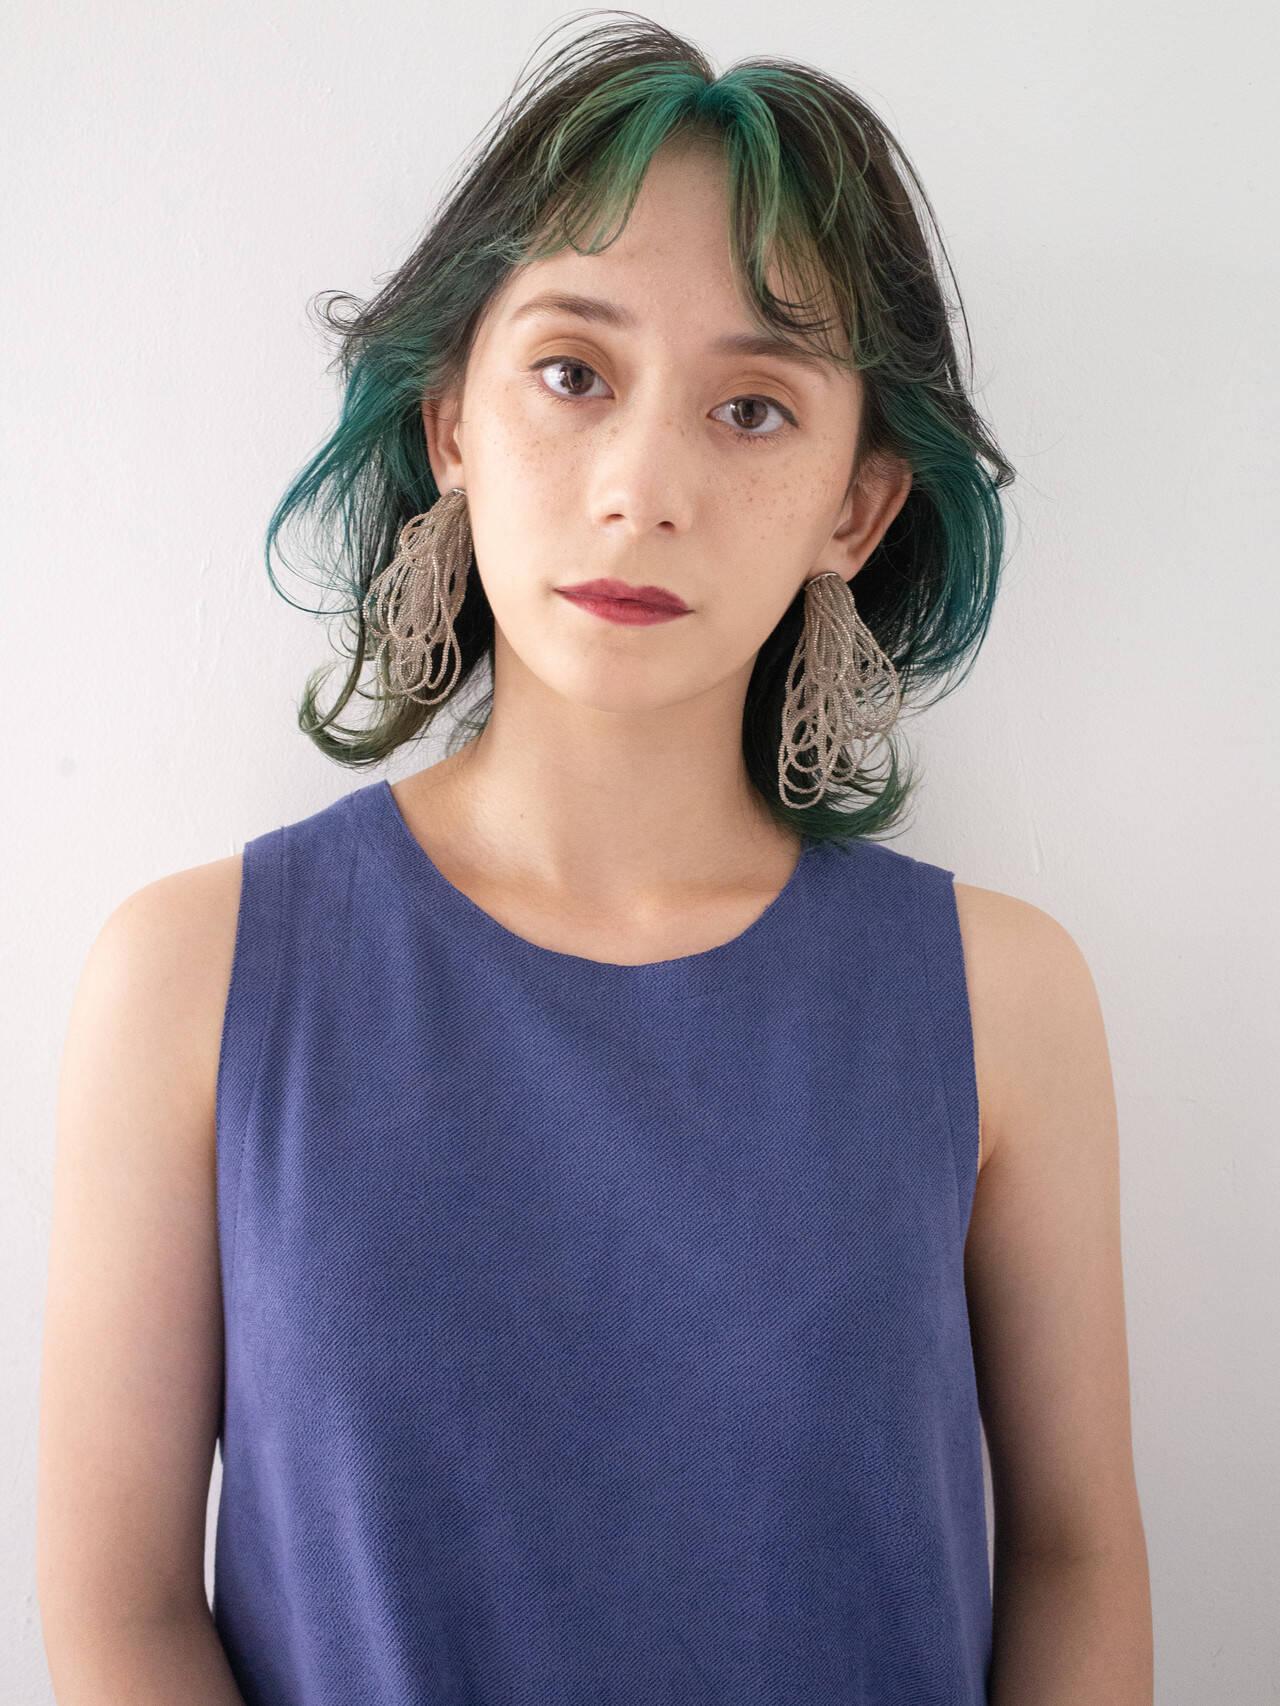 ダブルカラー インナーカラー ボブ モードヘアスタイルや髪型の写真・画像